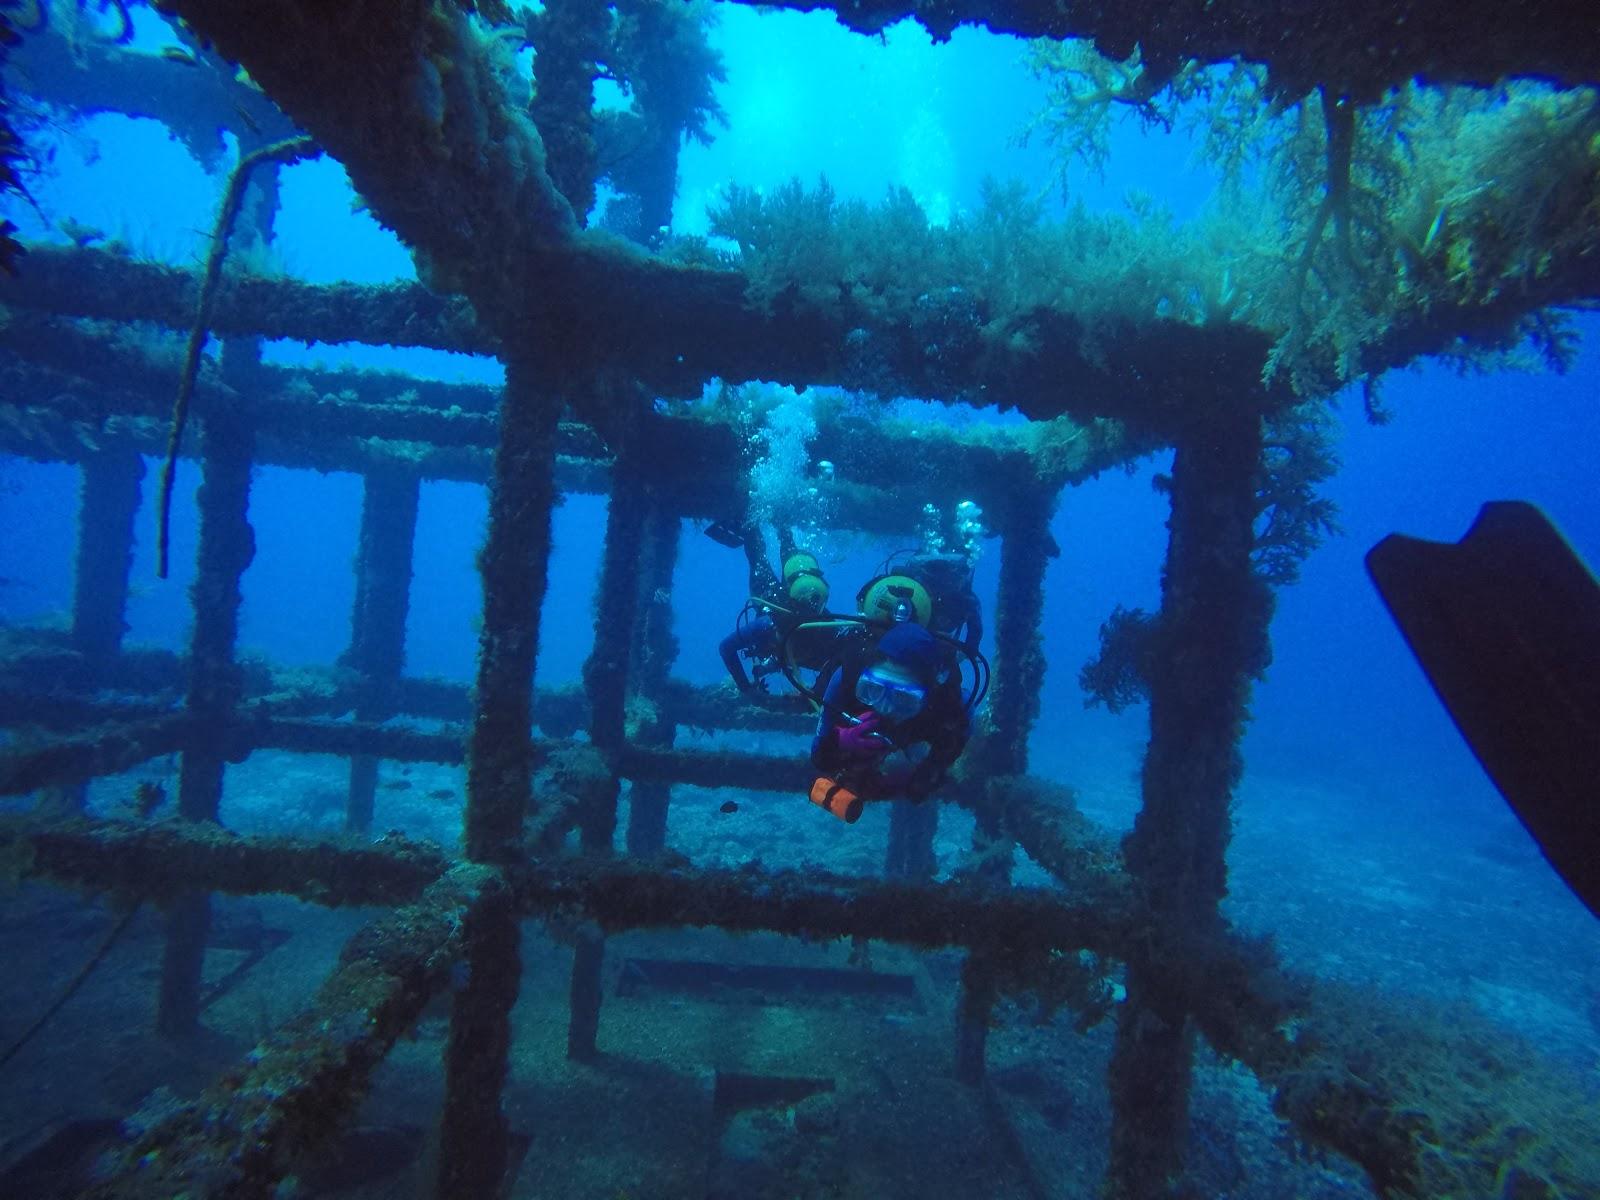 綠島鋼鐵礁